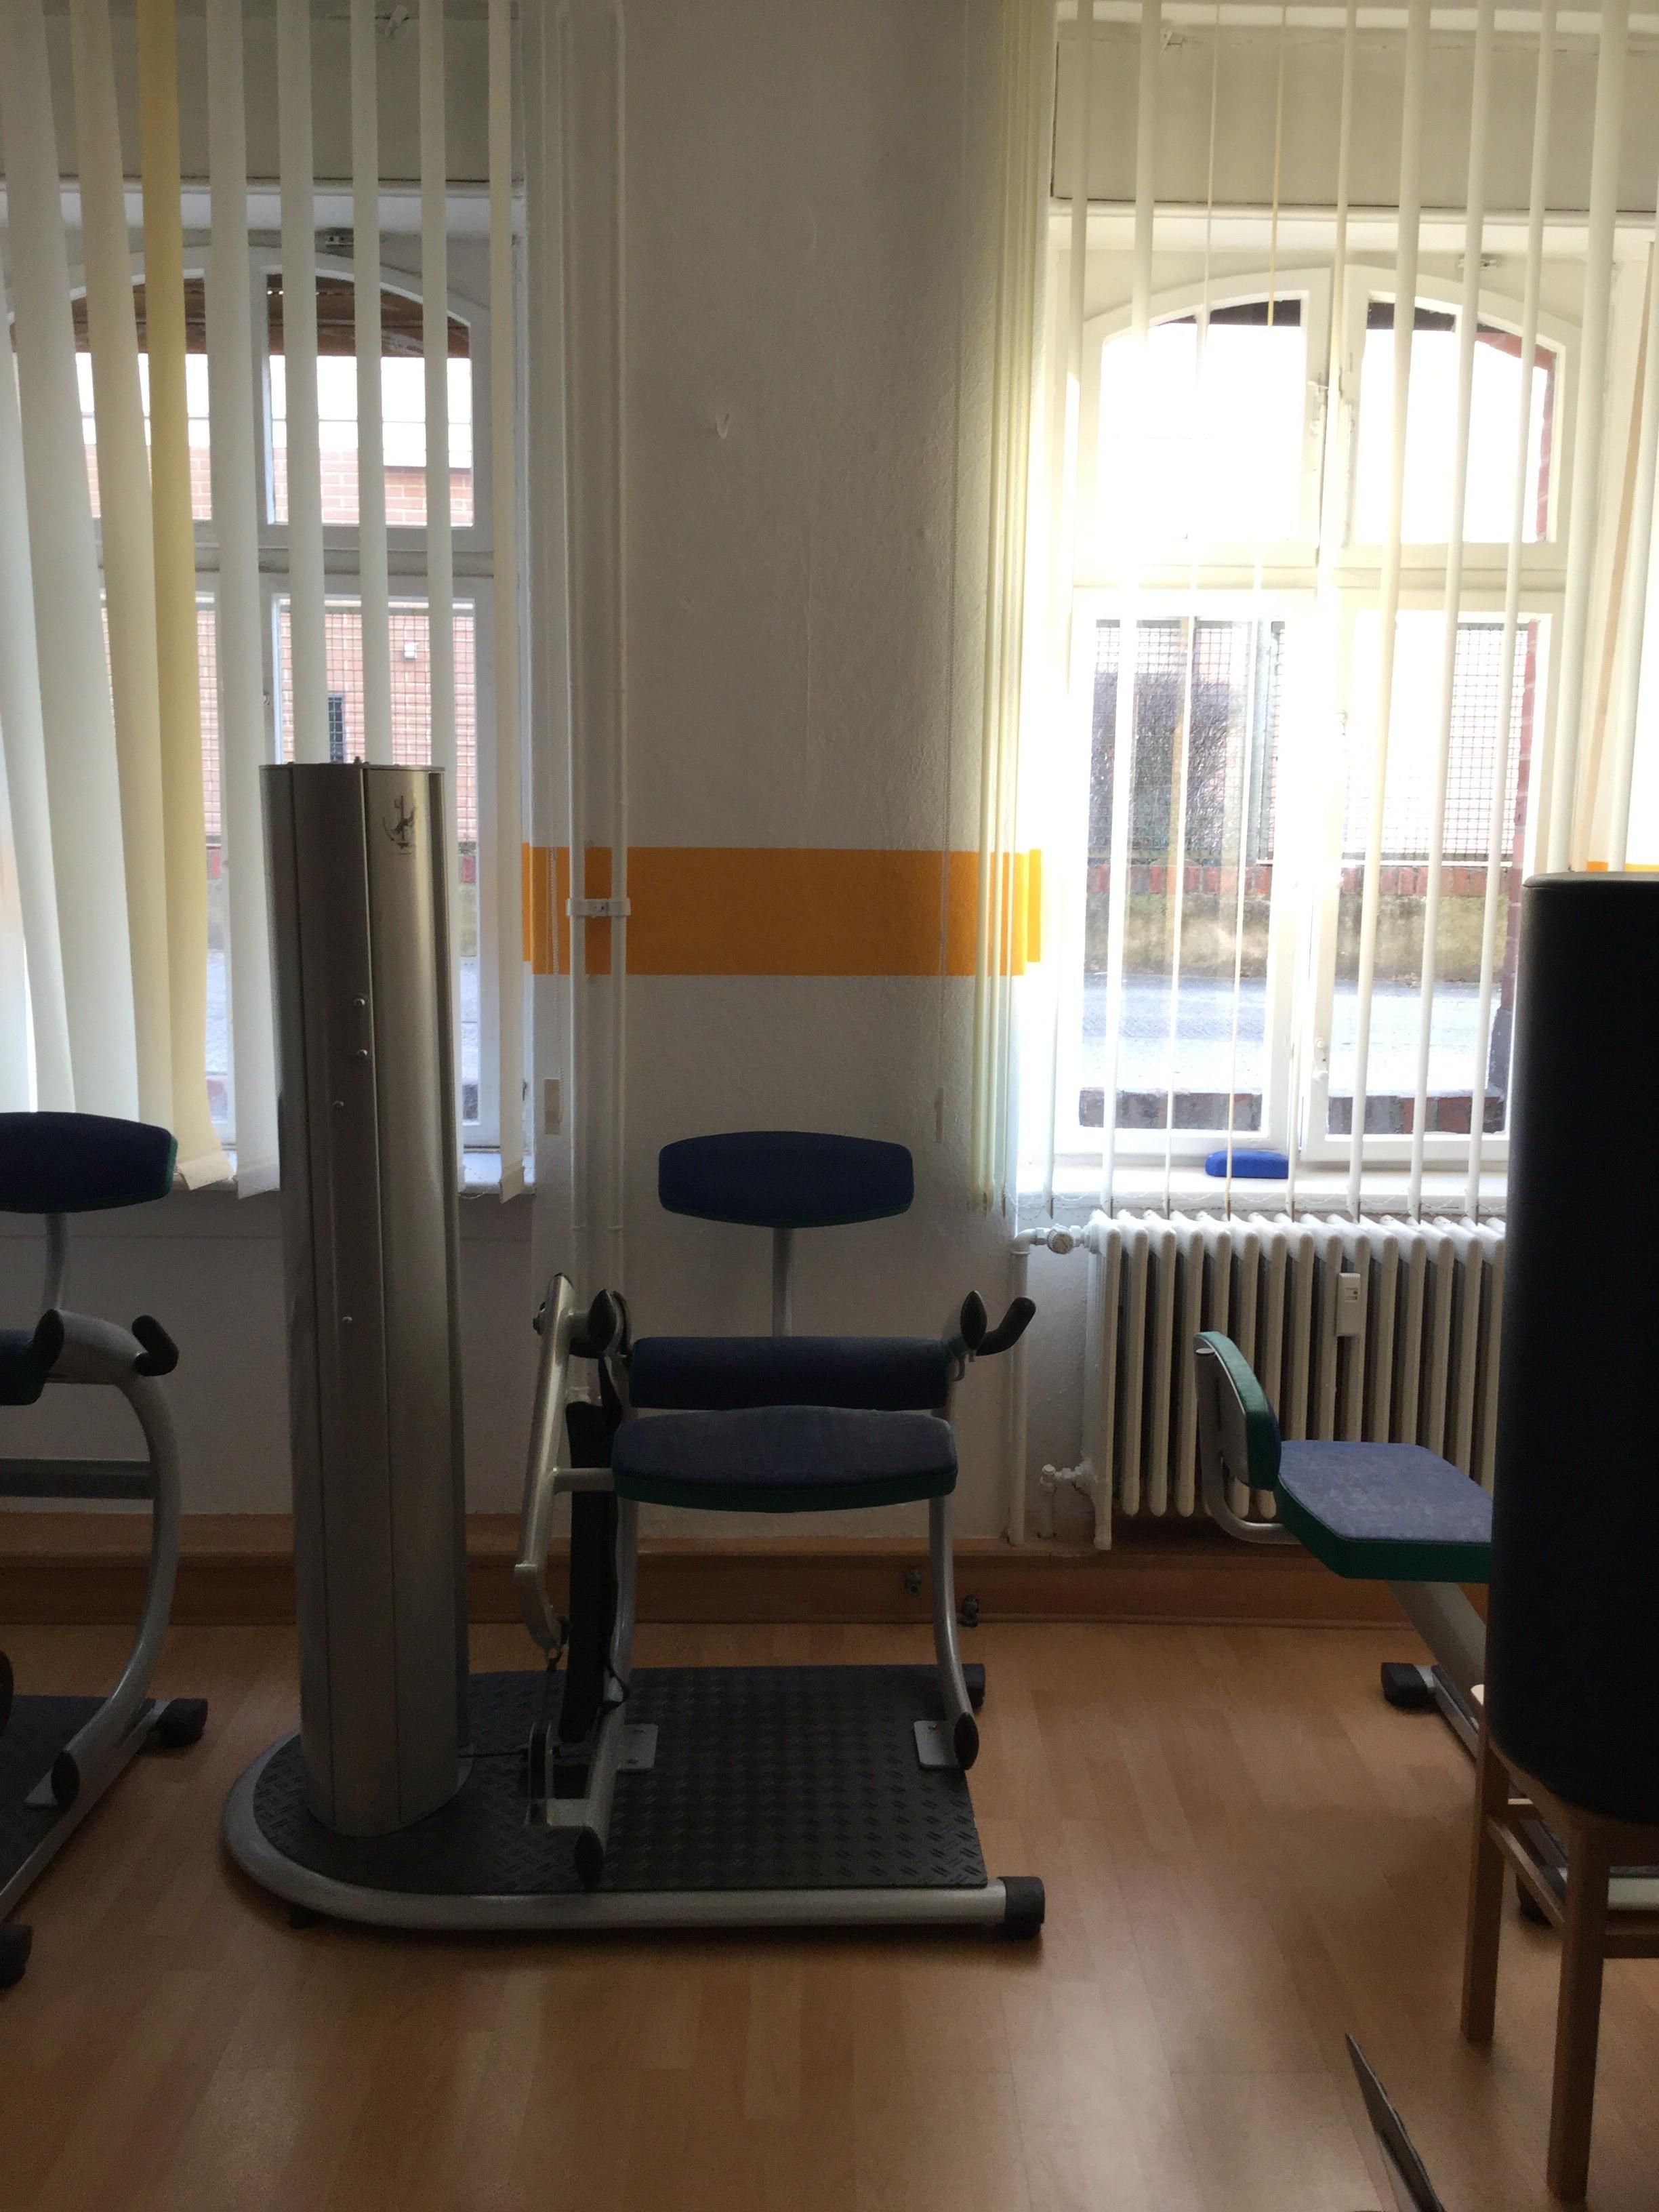 Trainingsraum mit Geräten